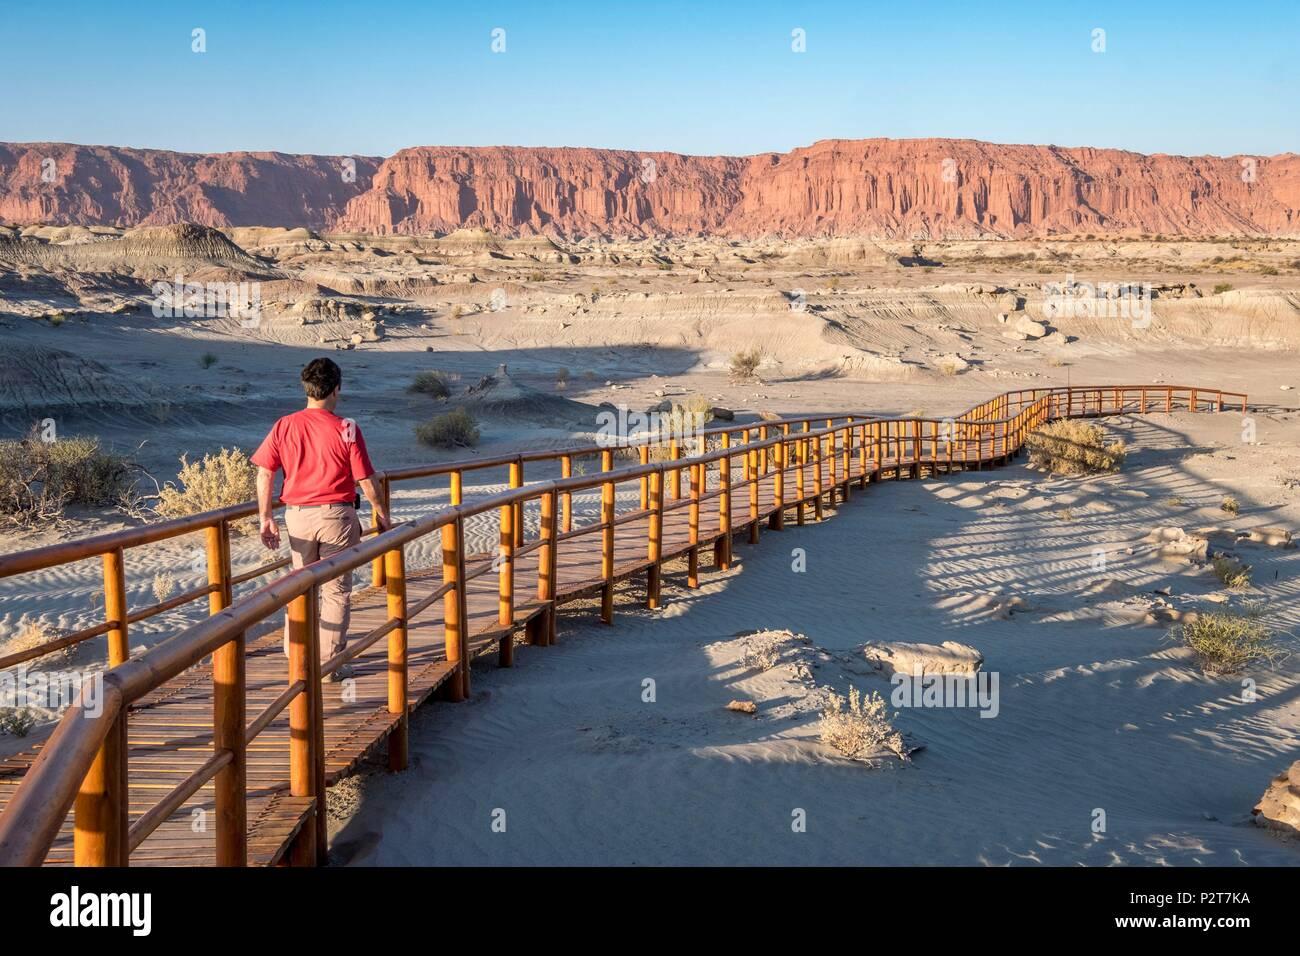 Argentinien, San Juan Provinz, Parque Ischigualasto als Weltkulturerbe von der UNESCO, Dr. William Sill Museum Stockbild